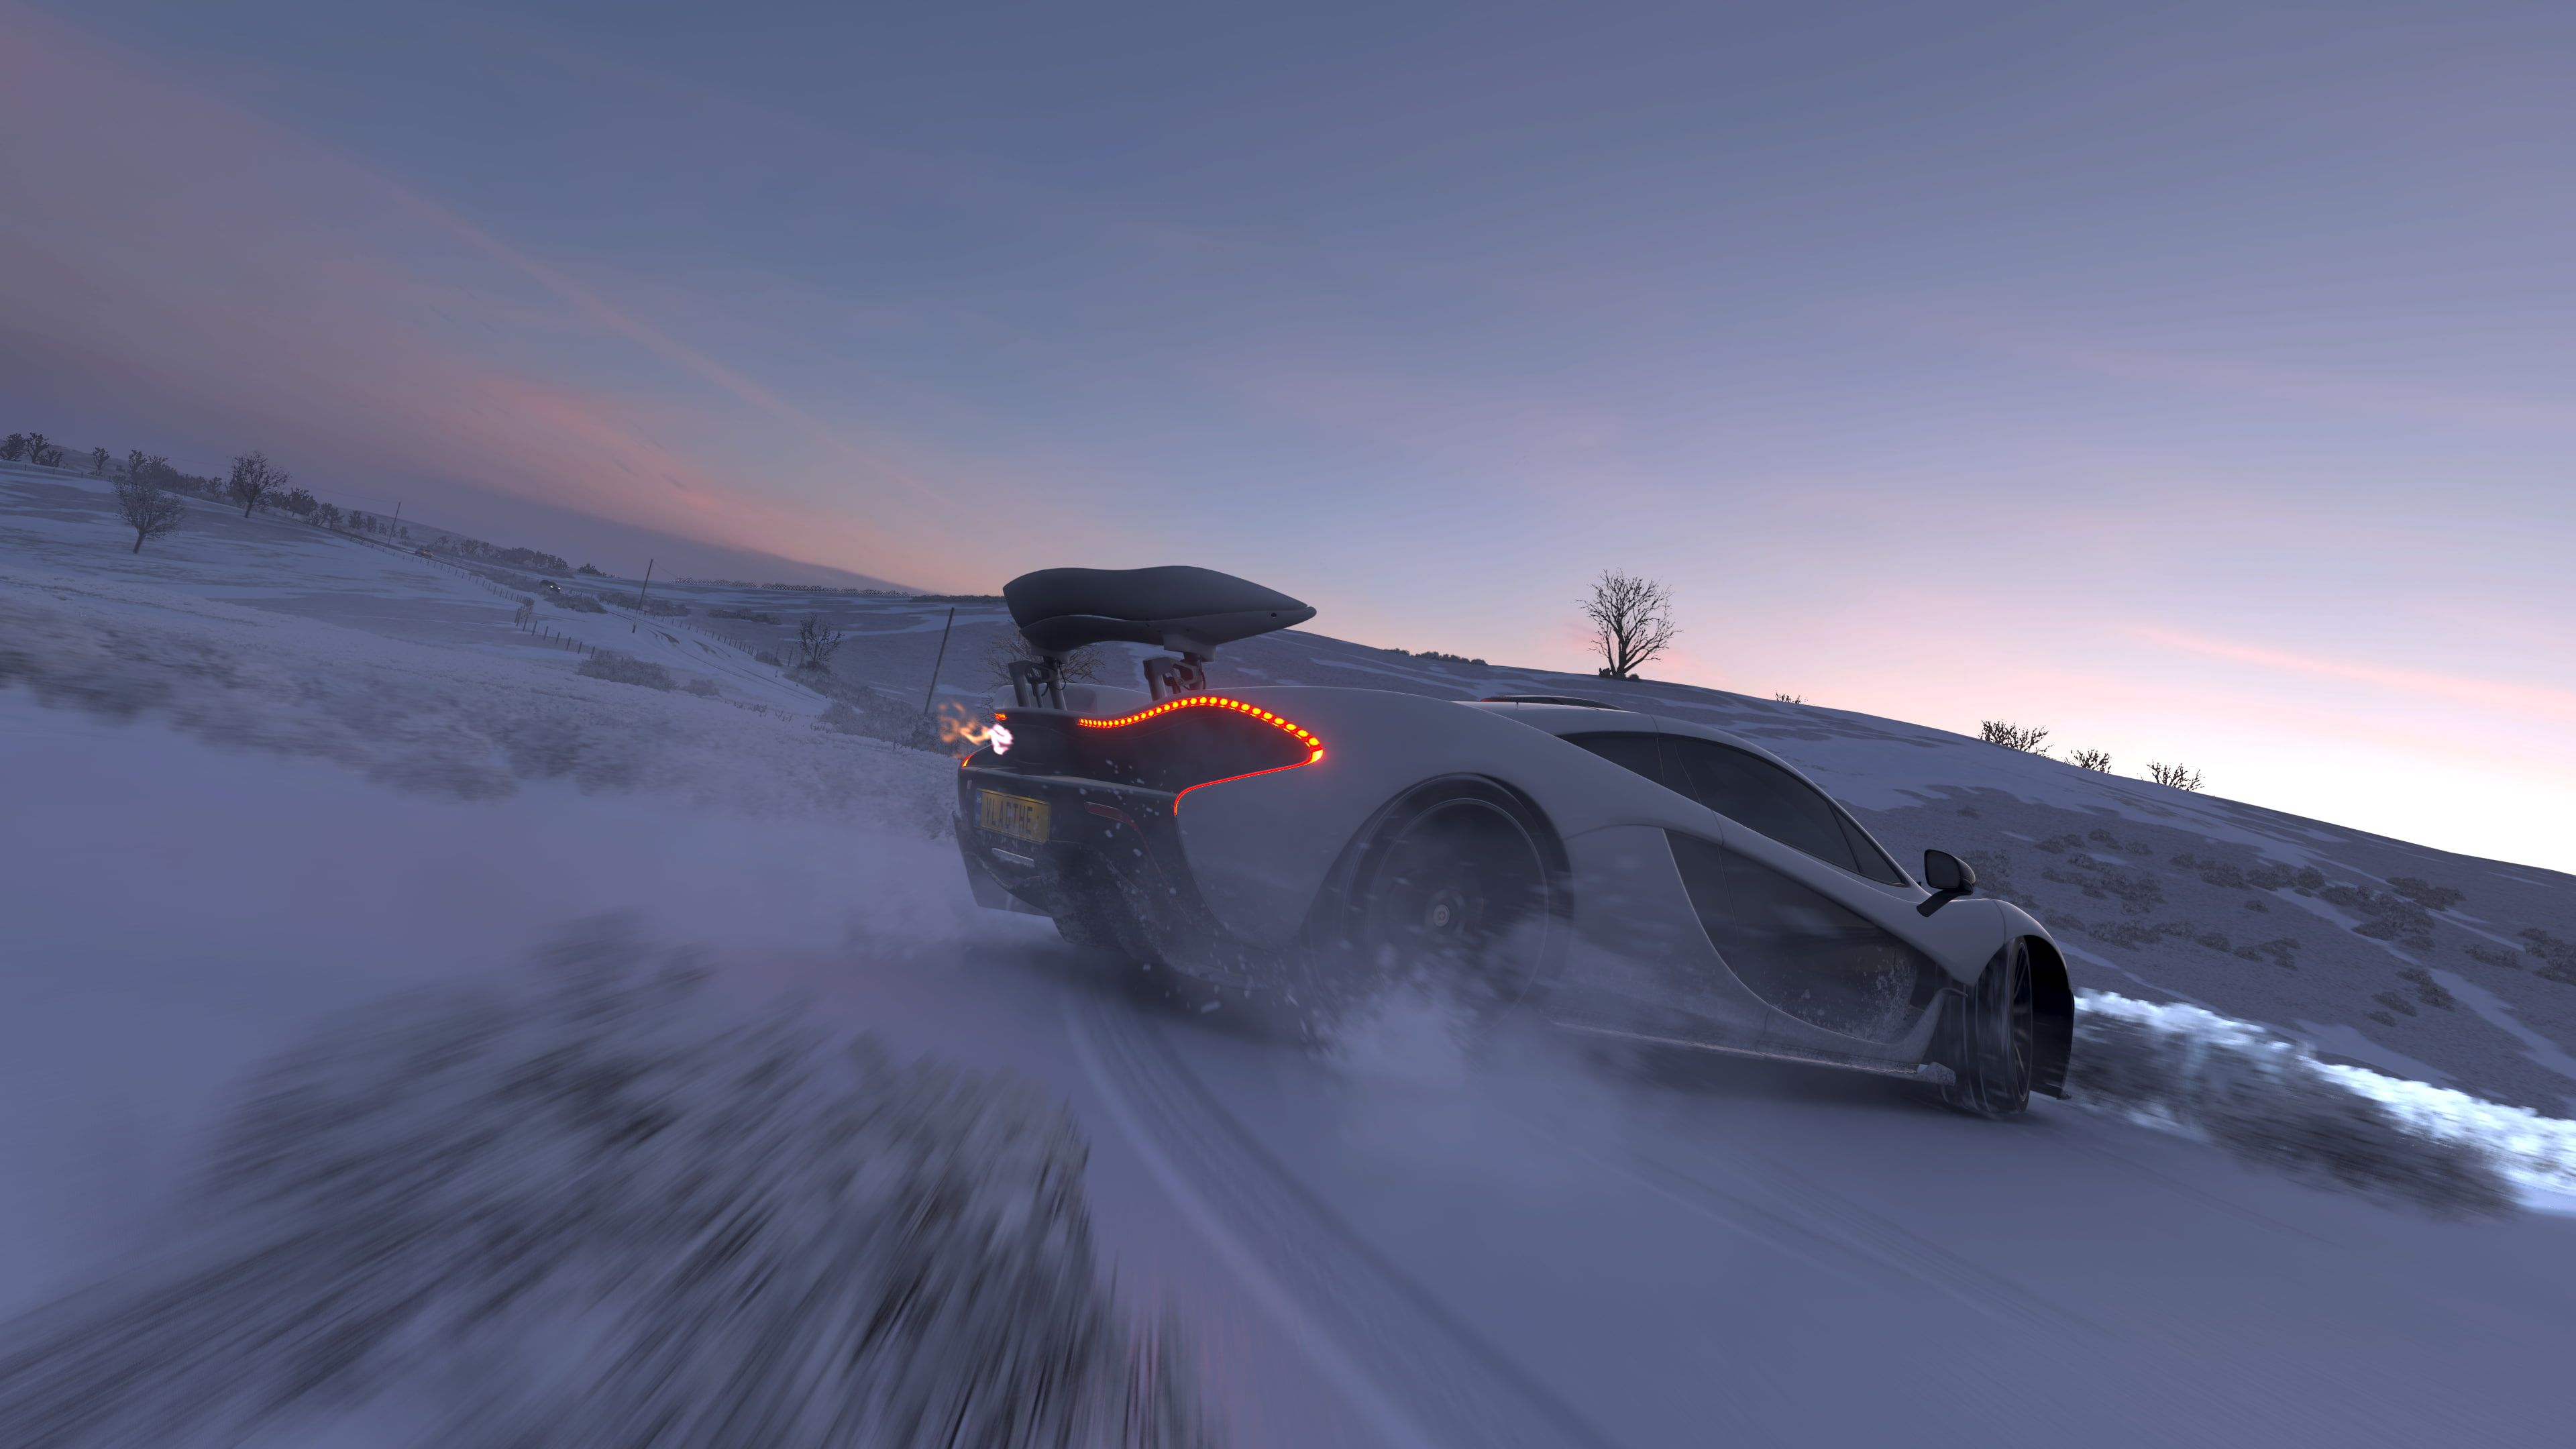 Forza Horizon 4 Mclaren P1 Drift Snow Clear Sky Supercars Games 4k Wallpaper Hdwallpaper Desktop Forza Horizon 4 Forza Forza Horizon